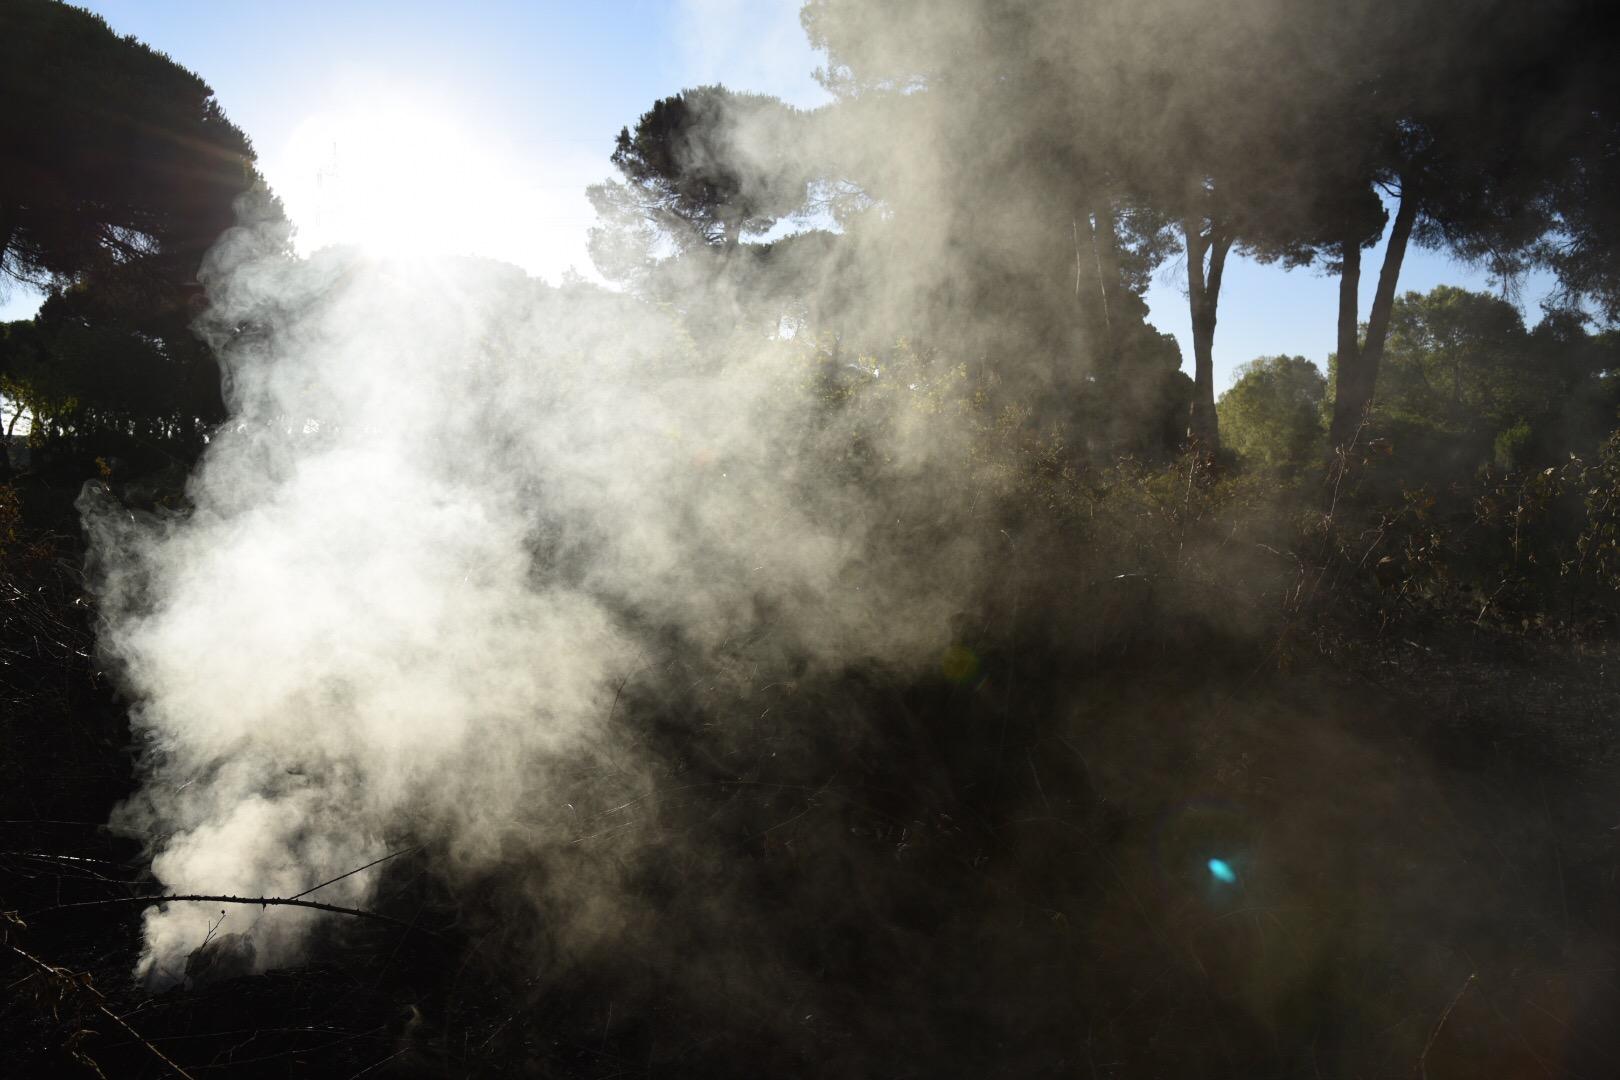 L'incendio della pineta delle Acque Rosse a Ostia: il giorno dopo